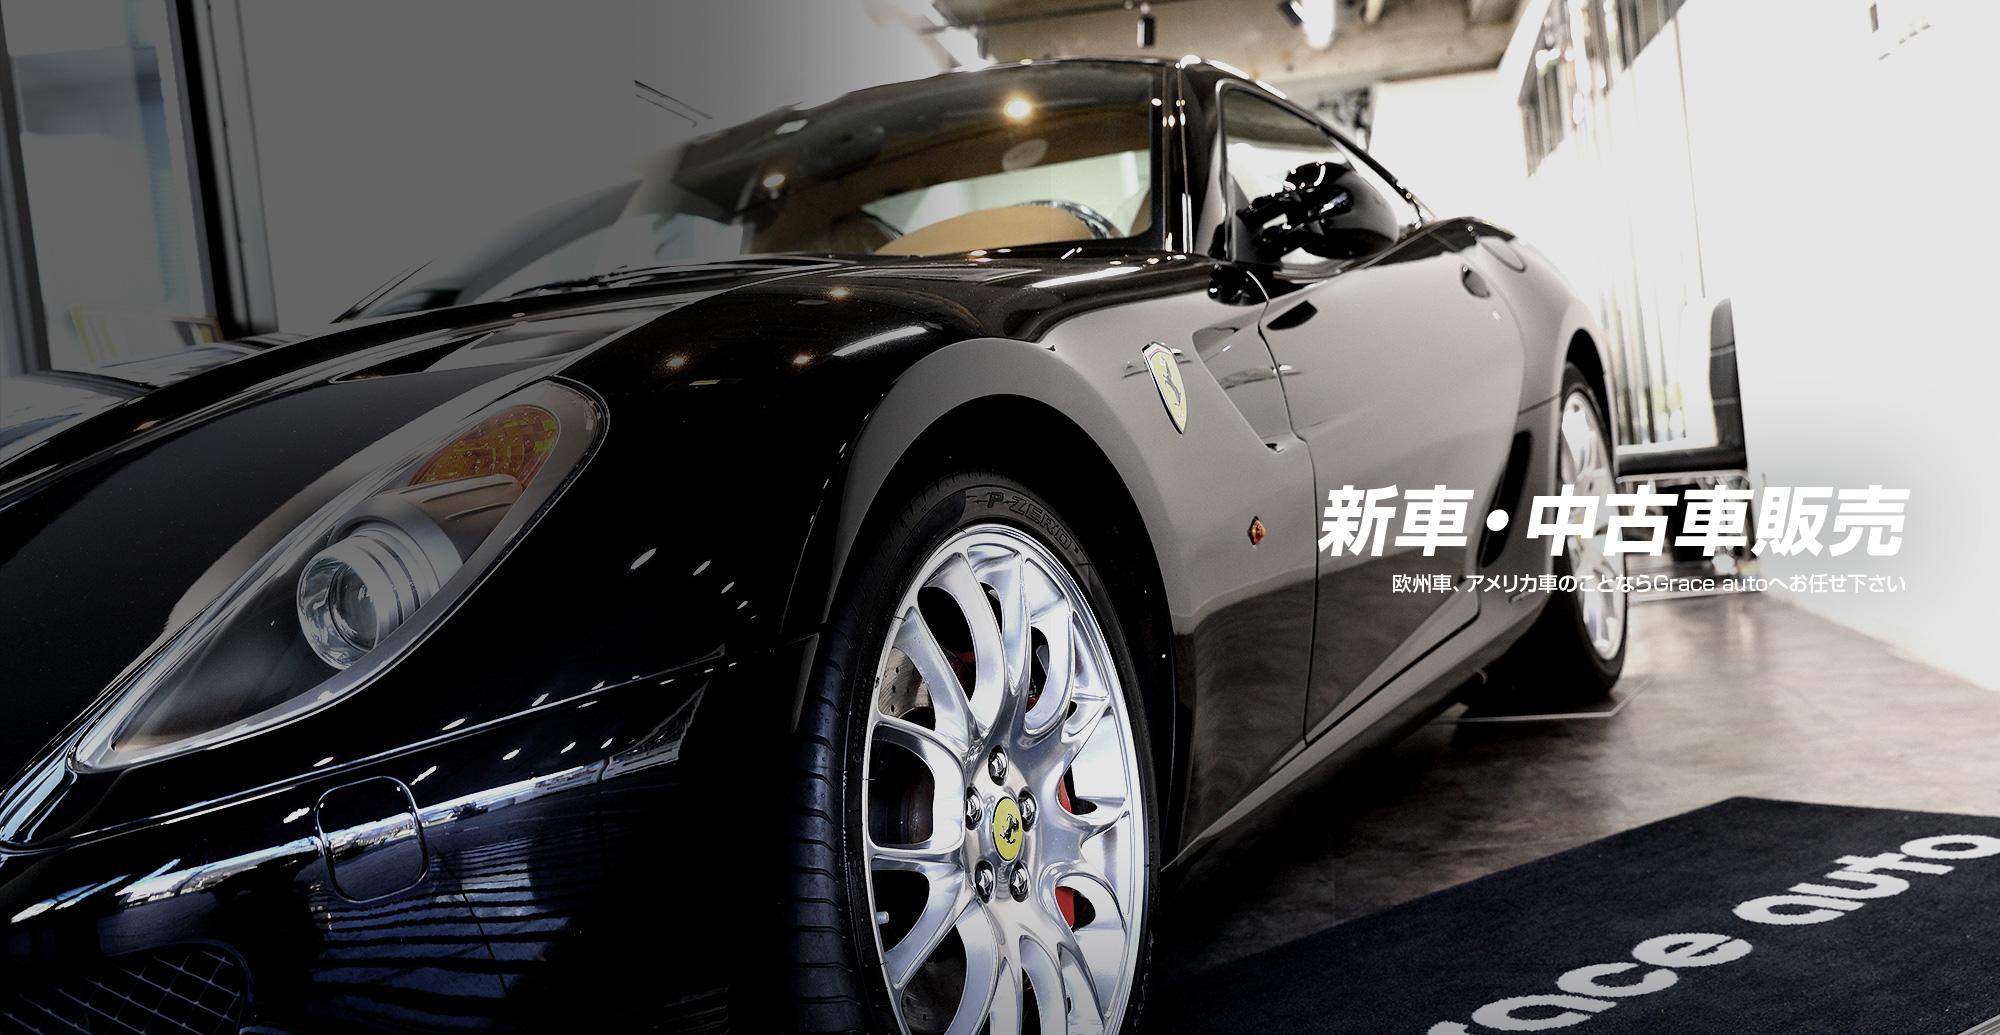 新車・中古車販売 欧州車、アメリカ車のことならGrace autoへお任せ下さい